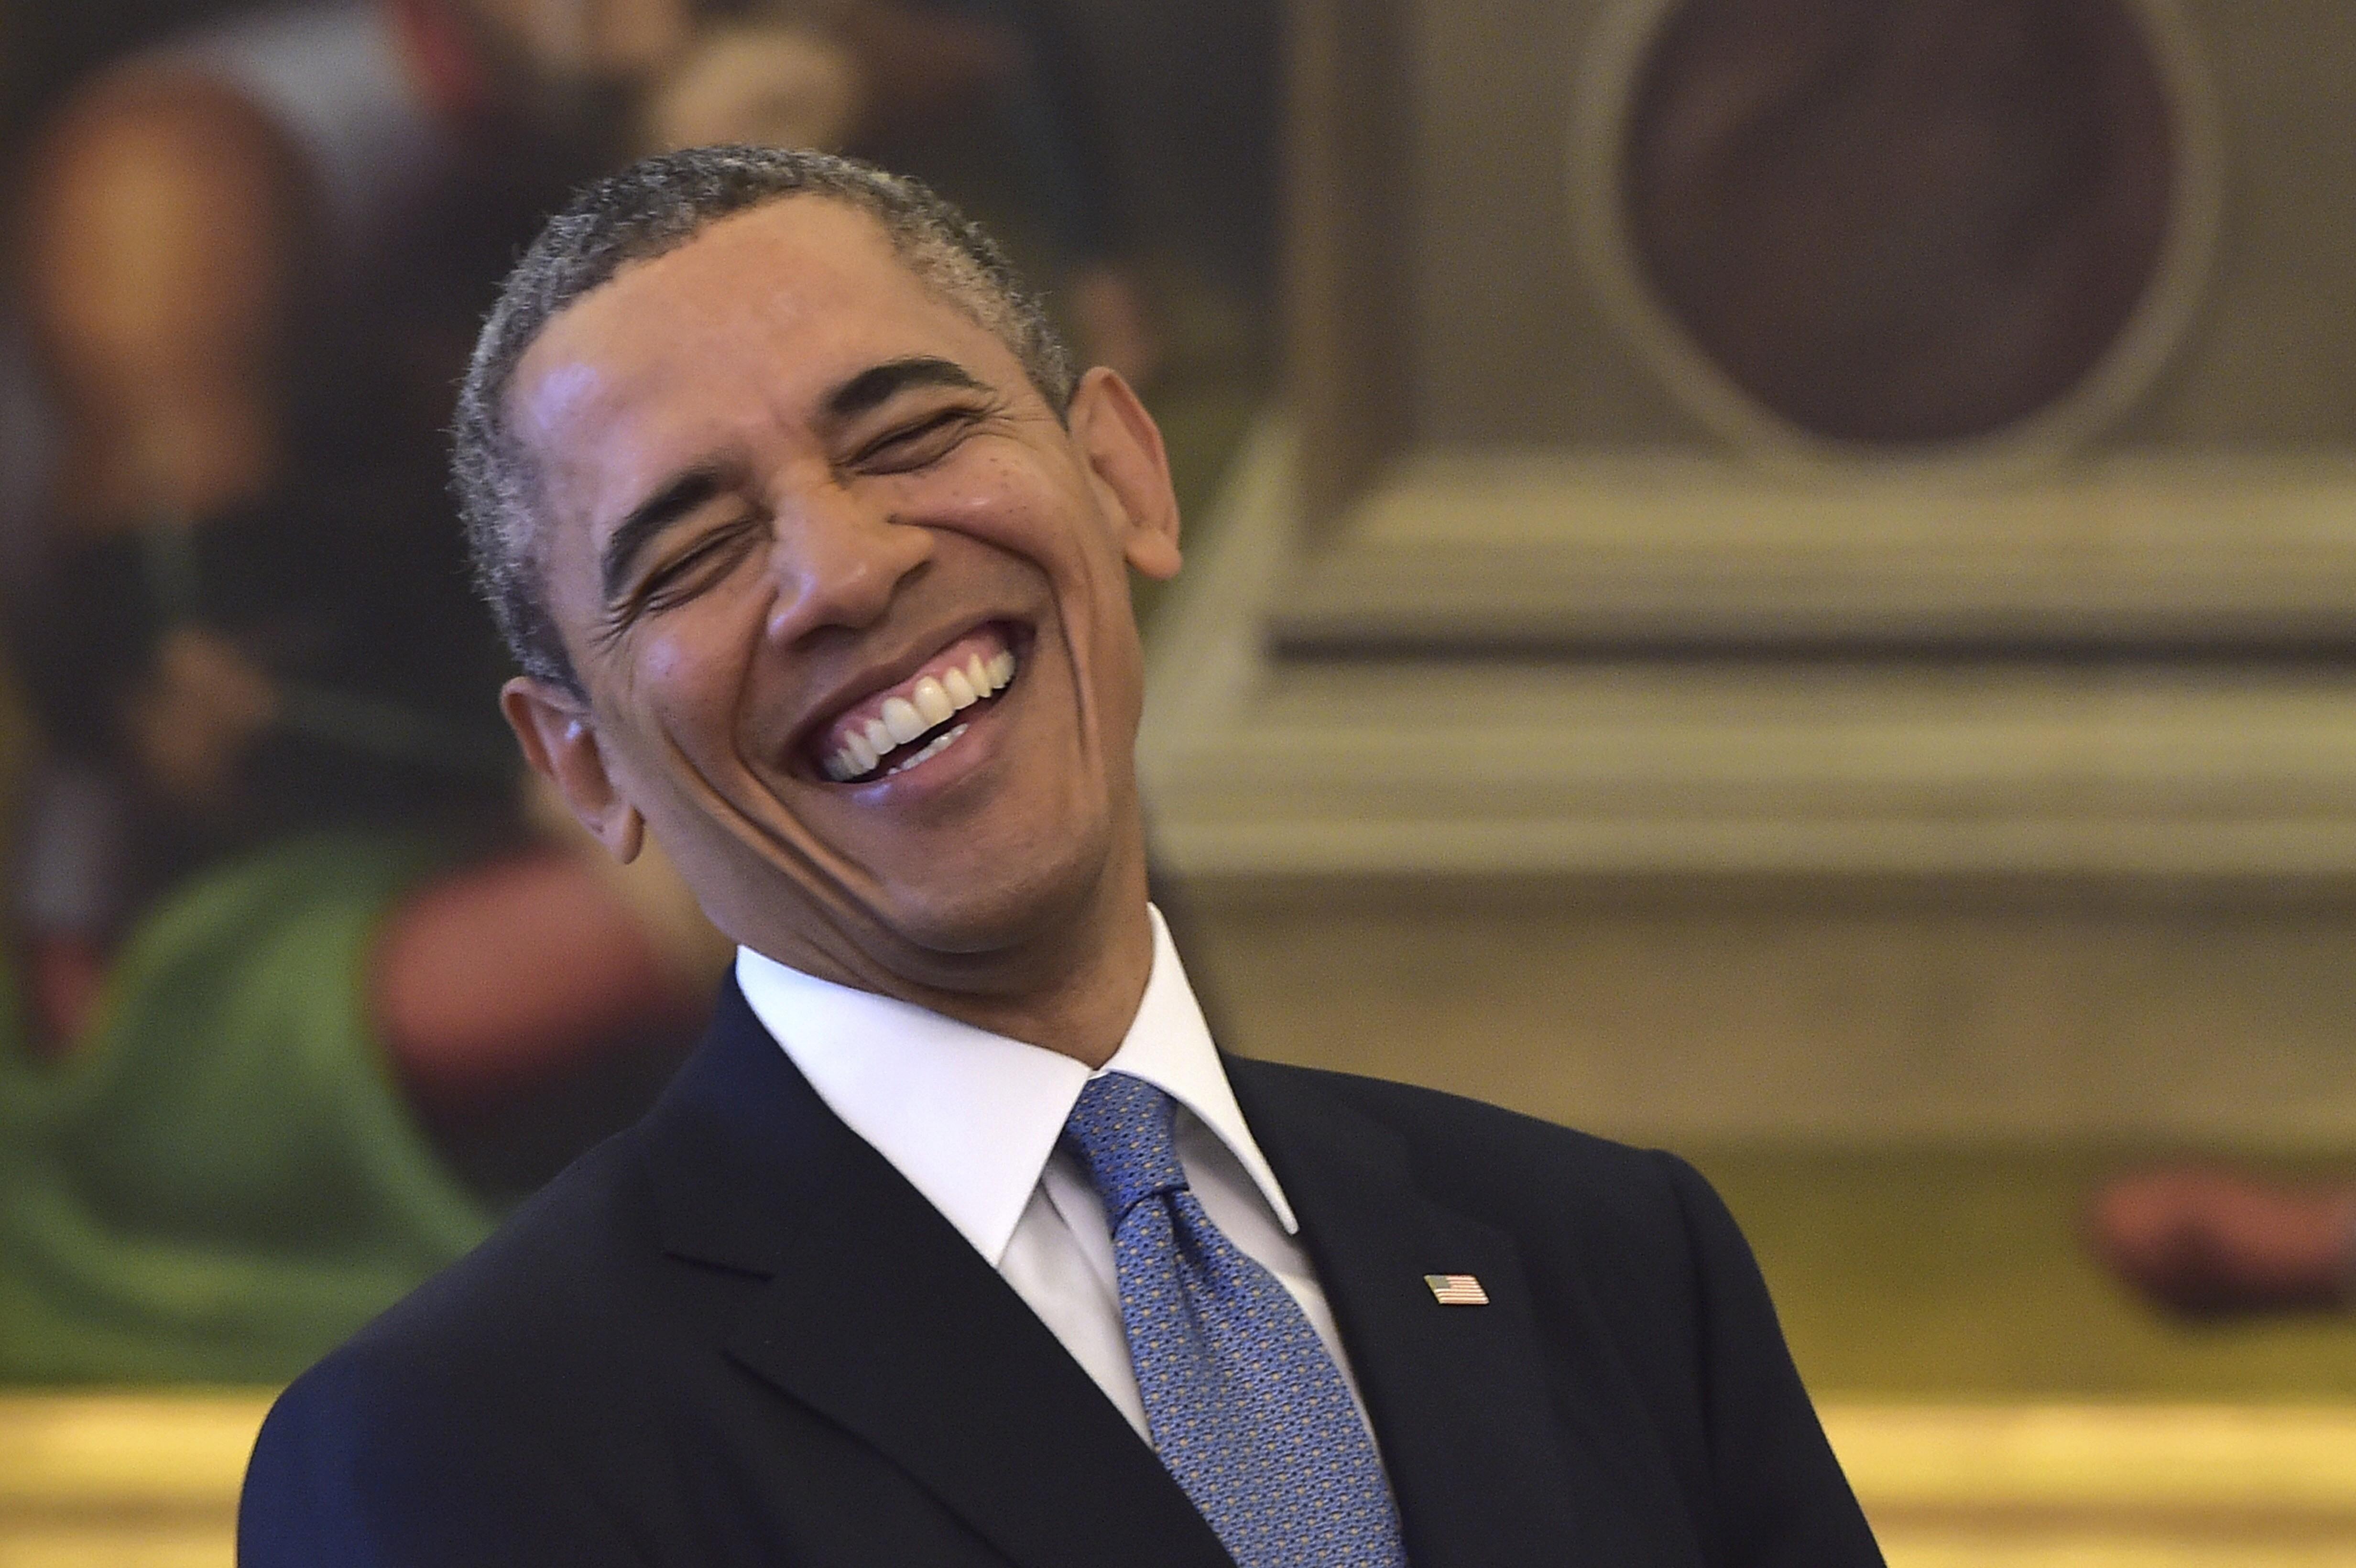 Obama Birth Certificate Controversy Was Crazy Stuff